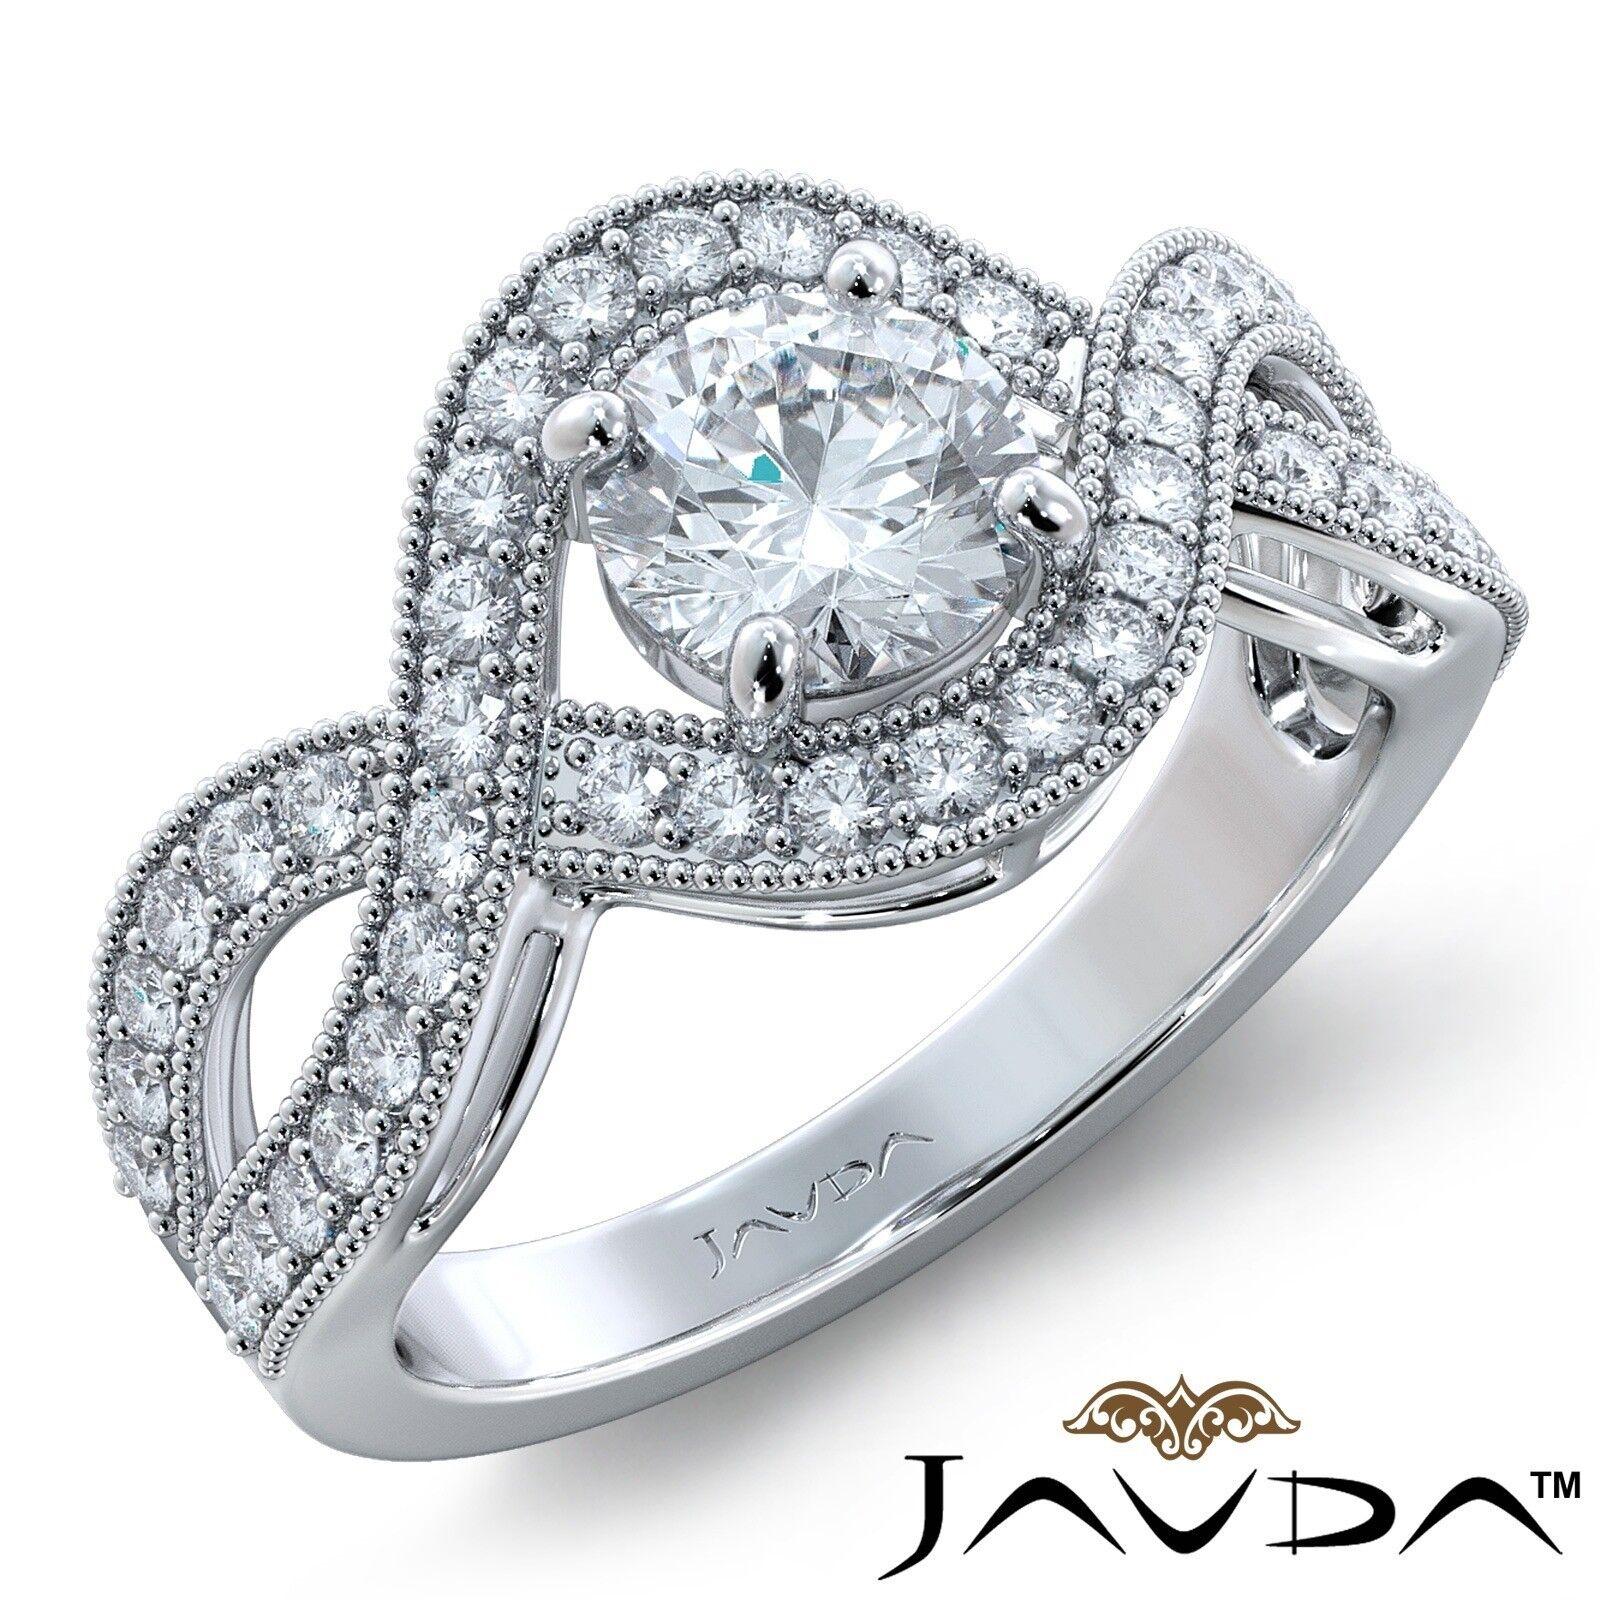 1.95ctw Milgrain Halo Side Stone Round Diamond Engagement Ring GIA E-VS2 W Gold